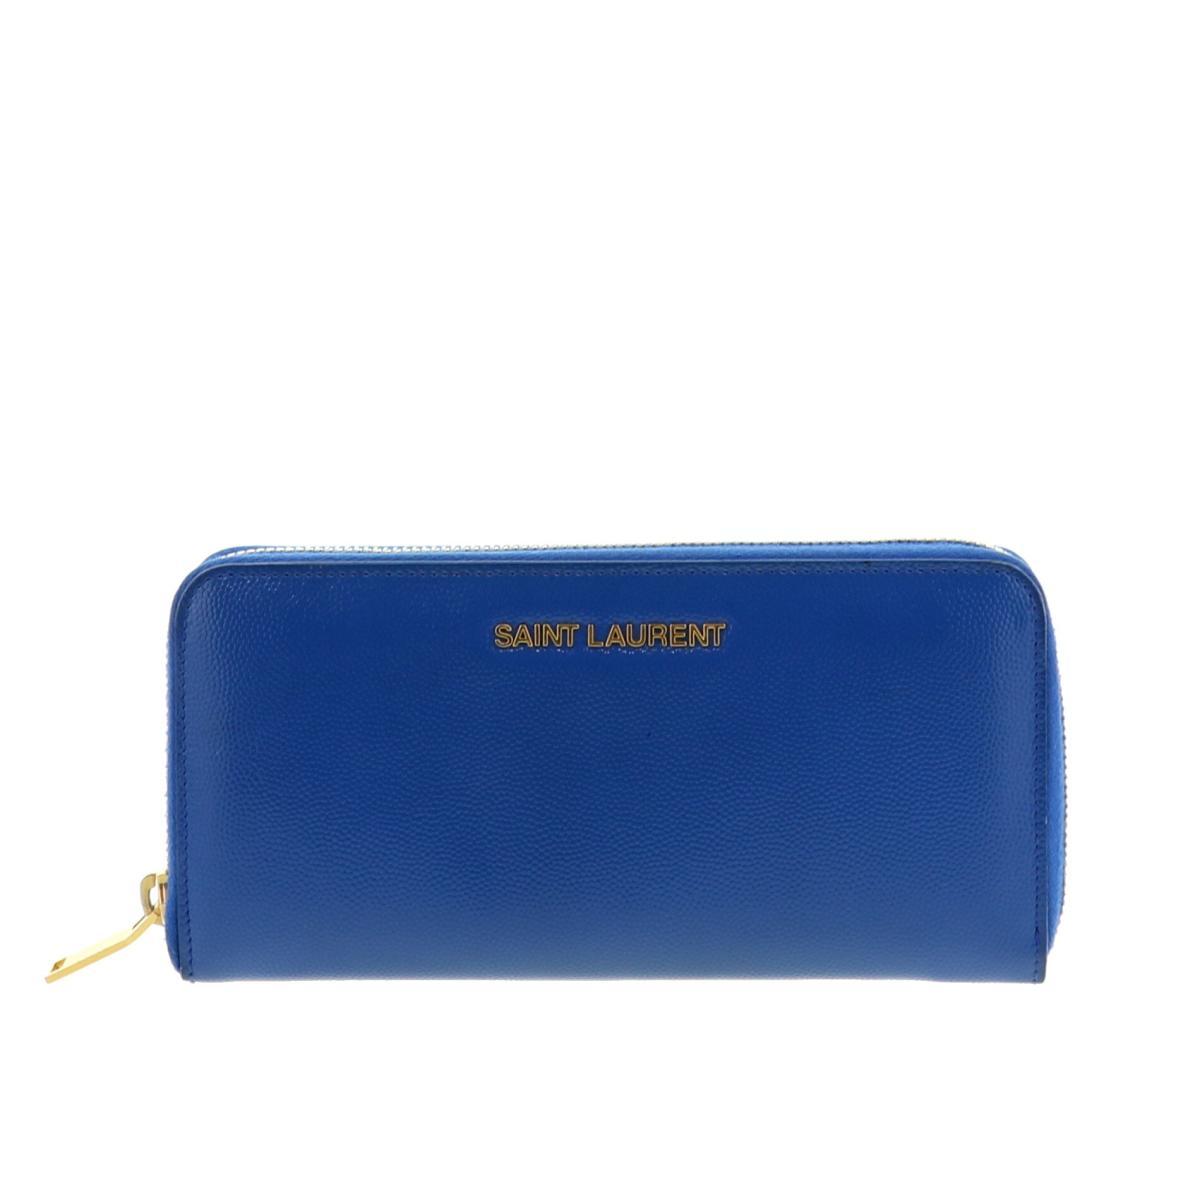 財布・ケース, レディース財布 SALE SAINT LAURENT () YSL ROUND ZIPPER WALLET W COIN CASE BLUE used:A